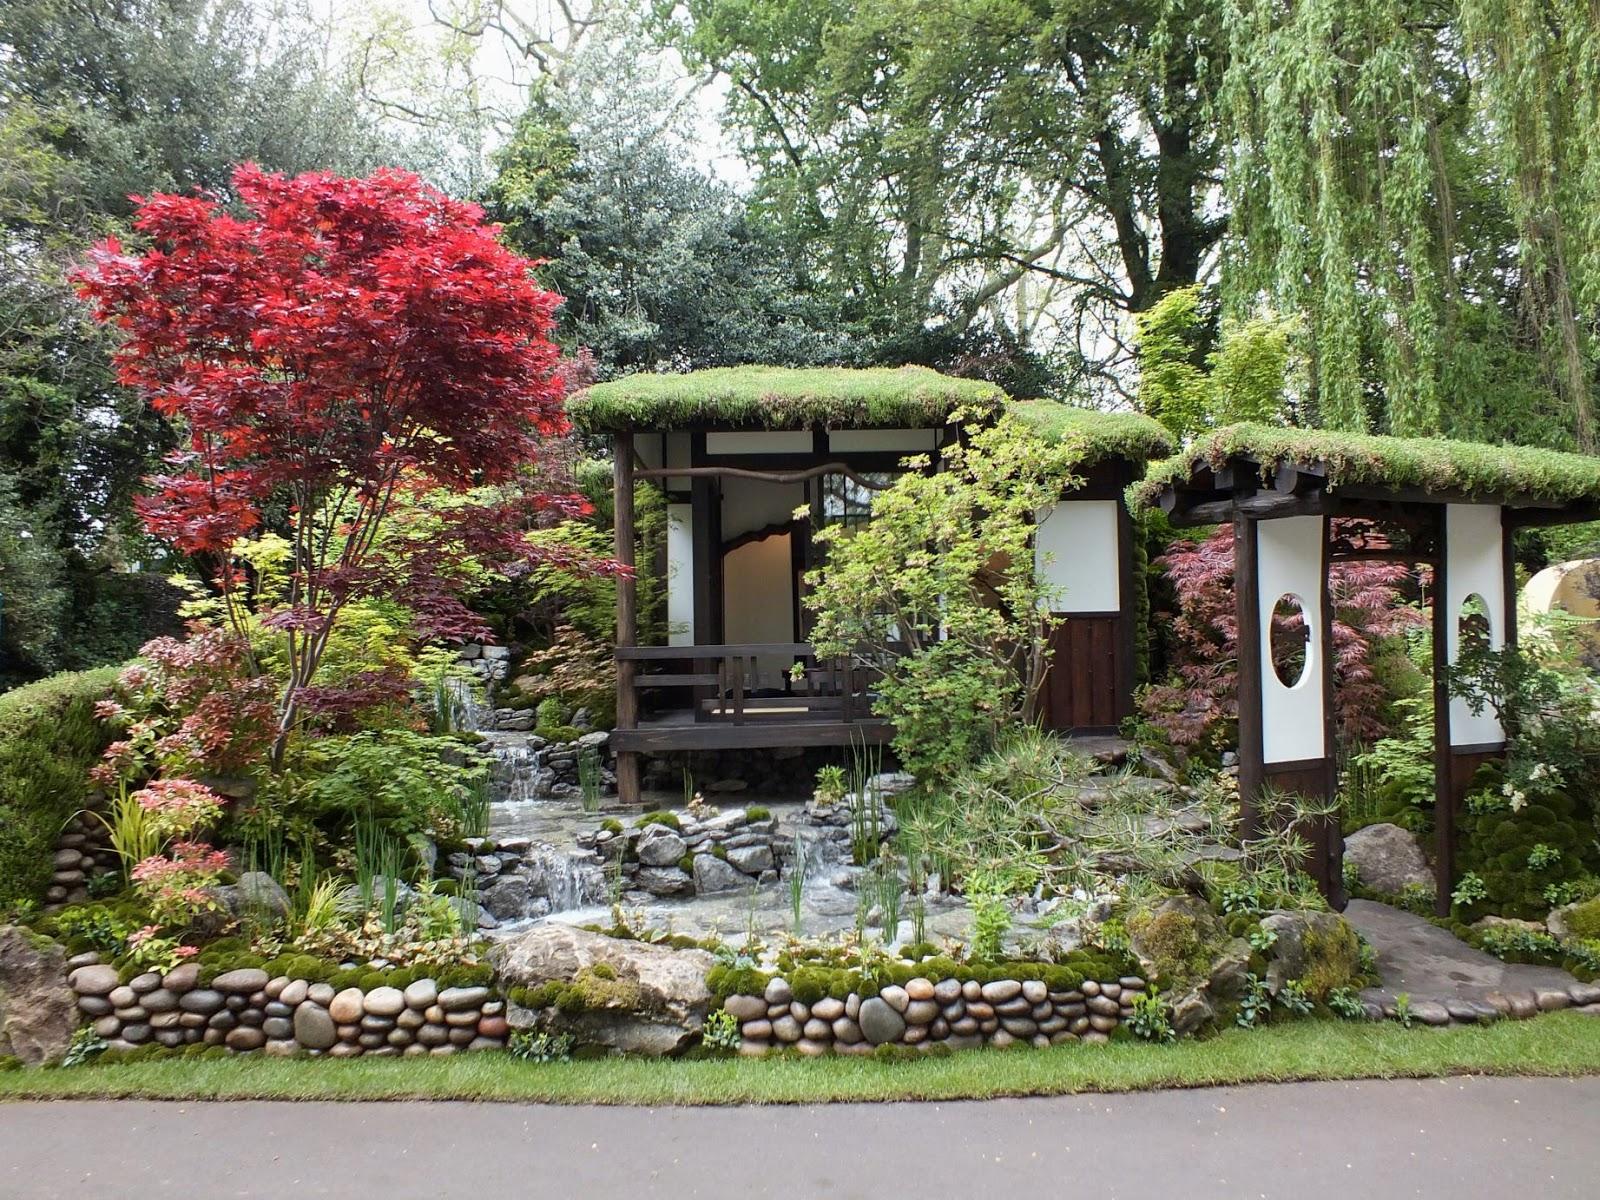 Japan Garden Flowers: The Diligent Gardener: Chelsea 2013: Stunning Japanese